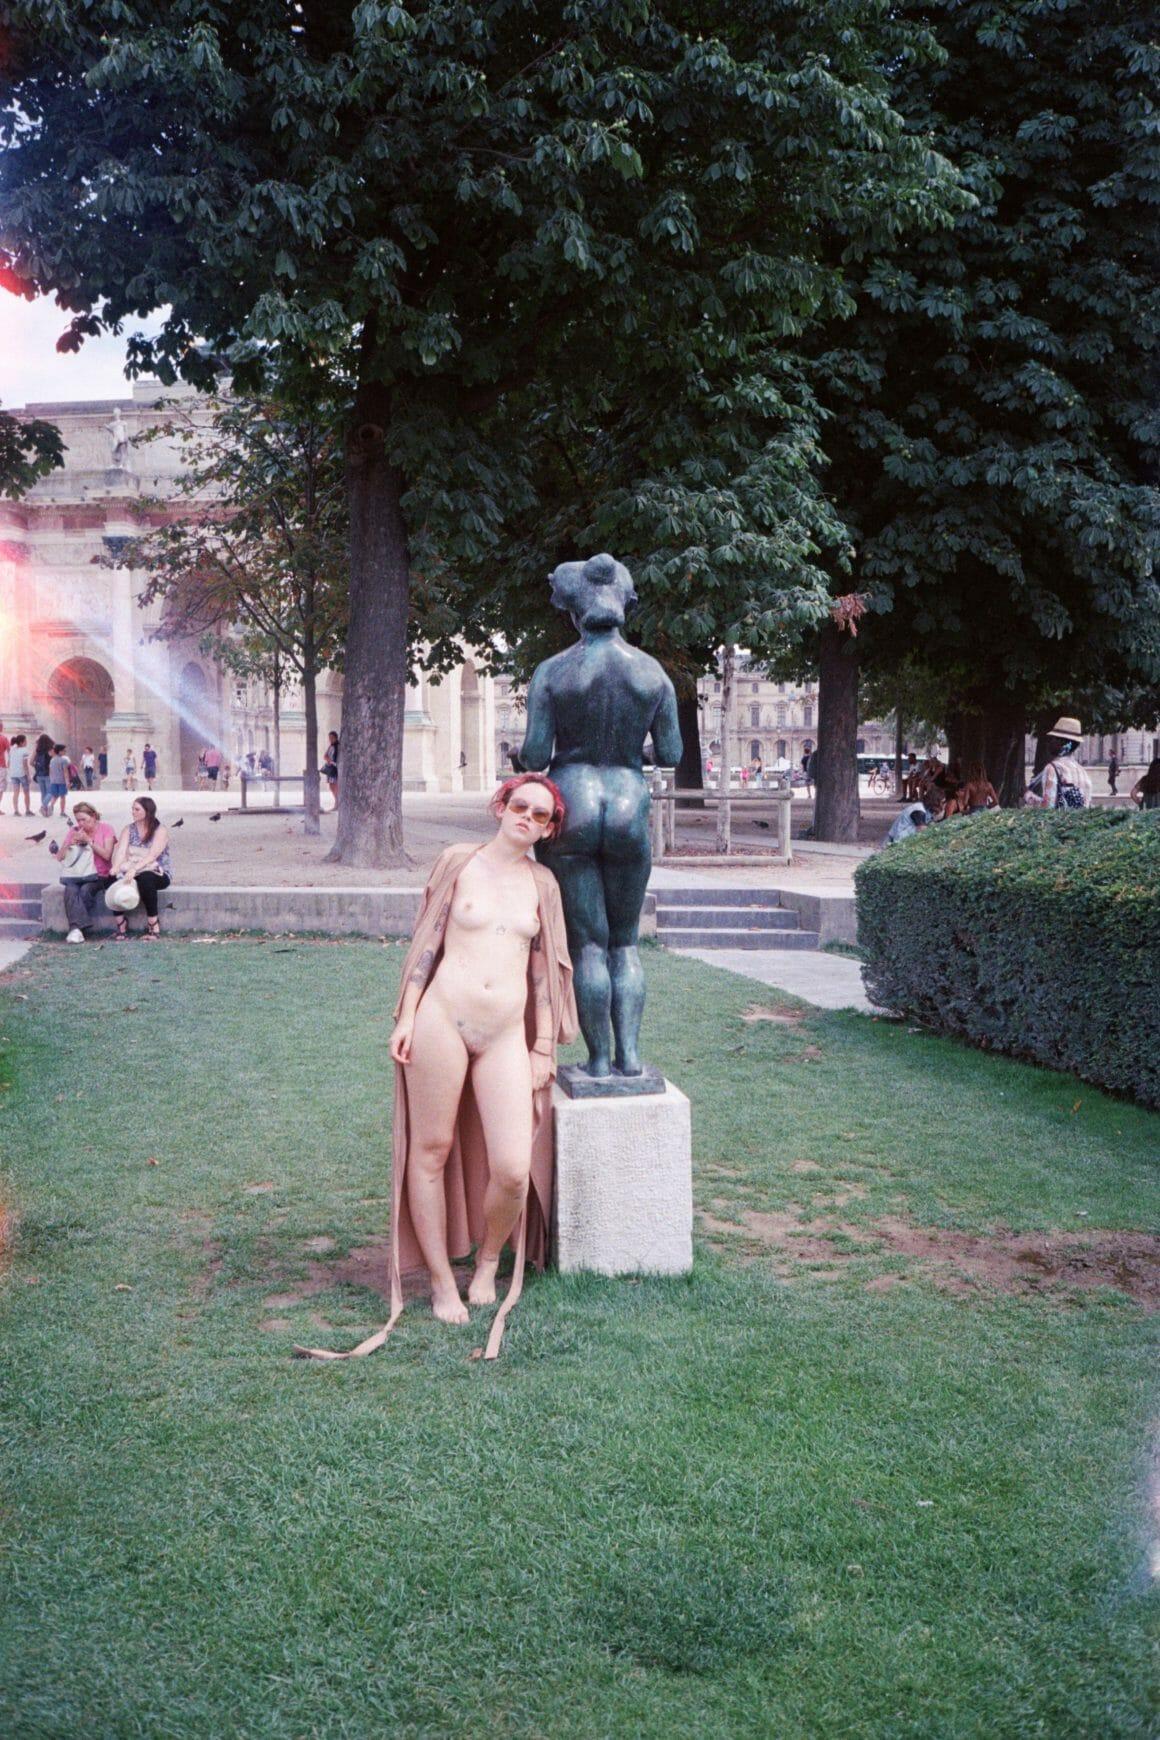 Reine louve seins nus jardins du Louvre